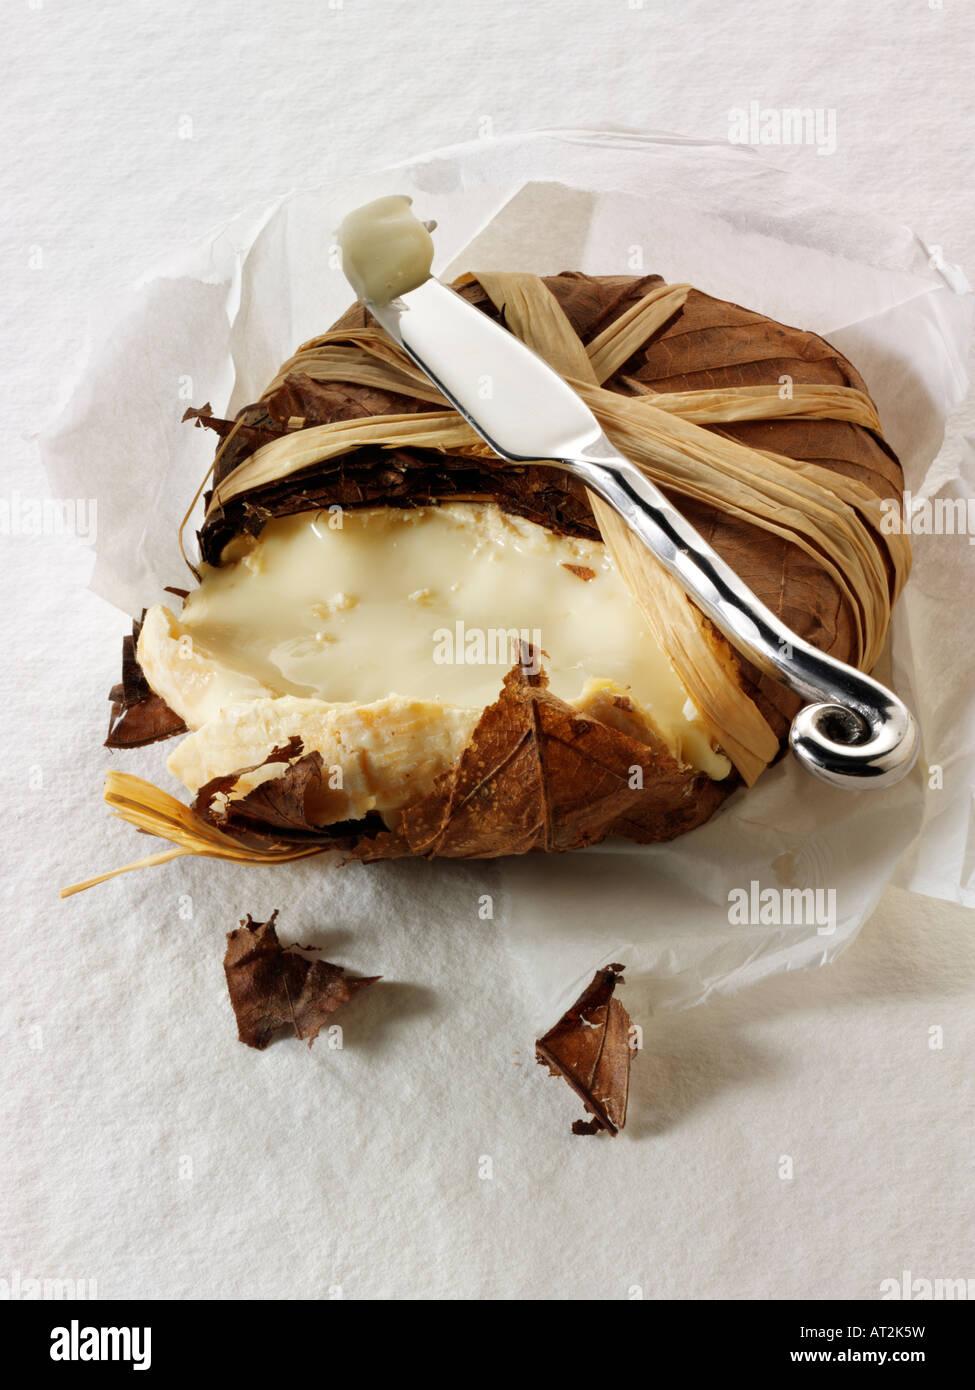 Bannon français fromage de chèvre mou de la Provence dans les feuilles sur un fond blanc. Photo Stock